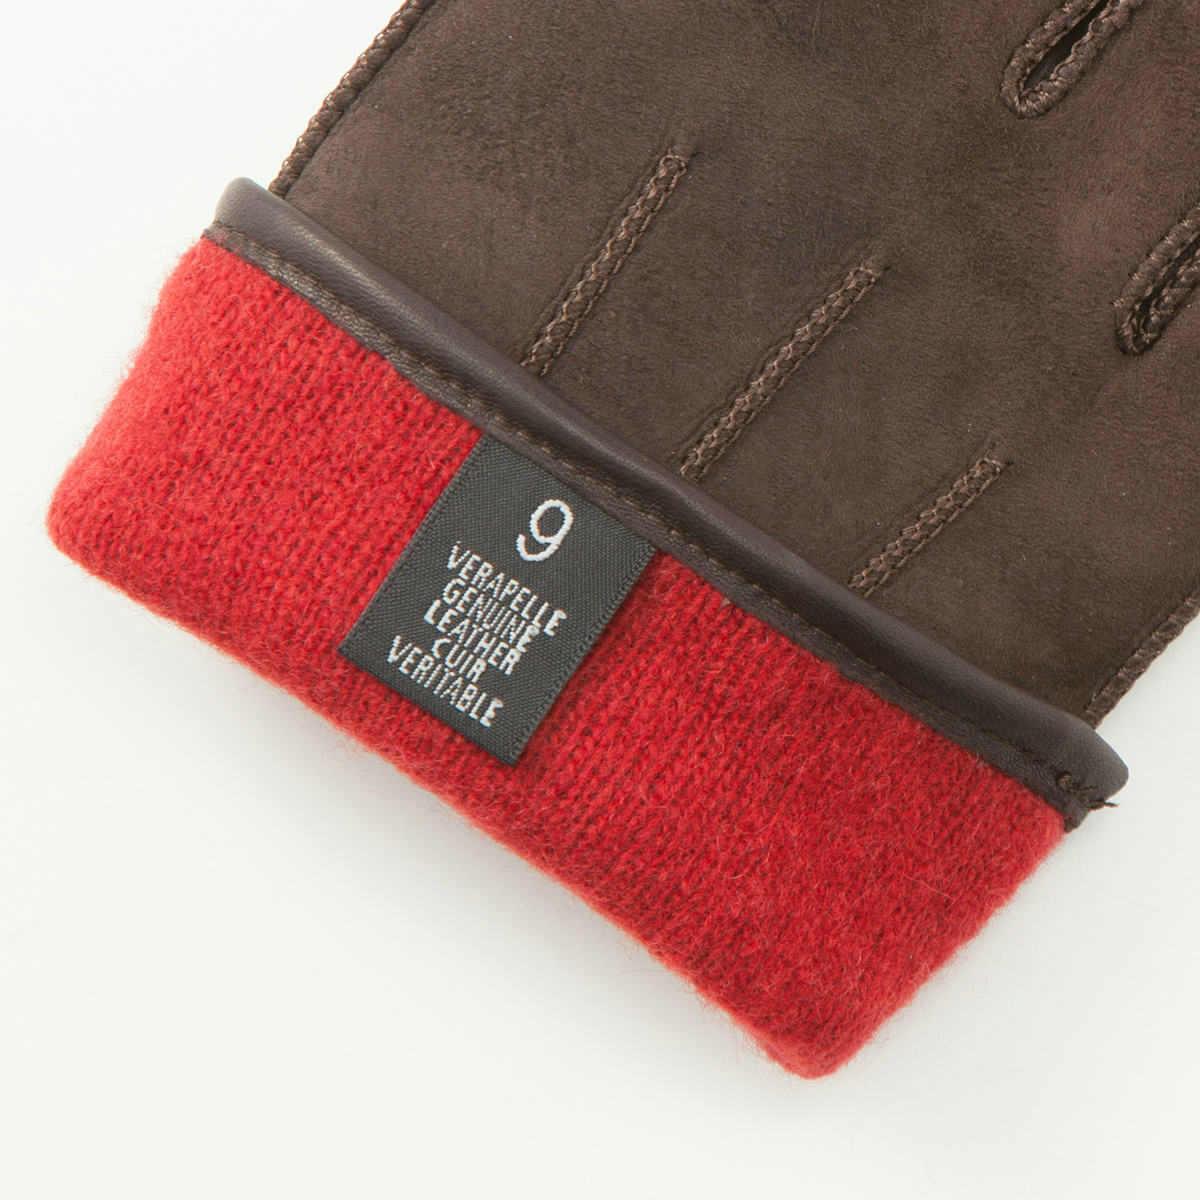 アルタクラッセ カプリガンティ メンズ スエード 革手袋 全3色 フリーサイズ